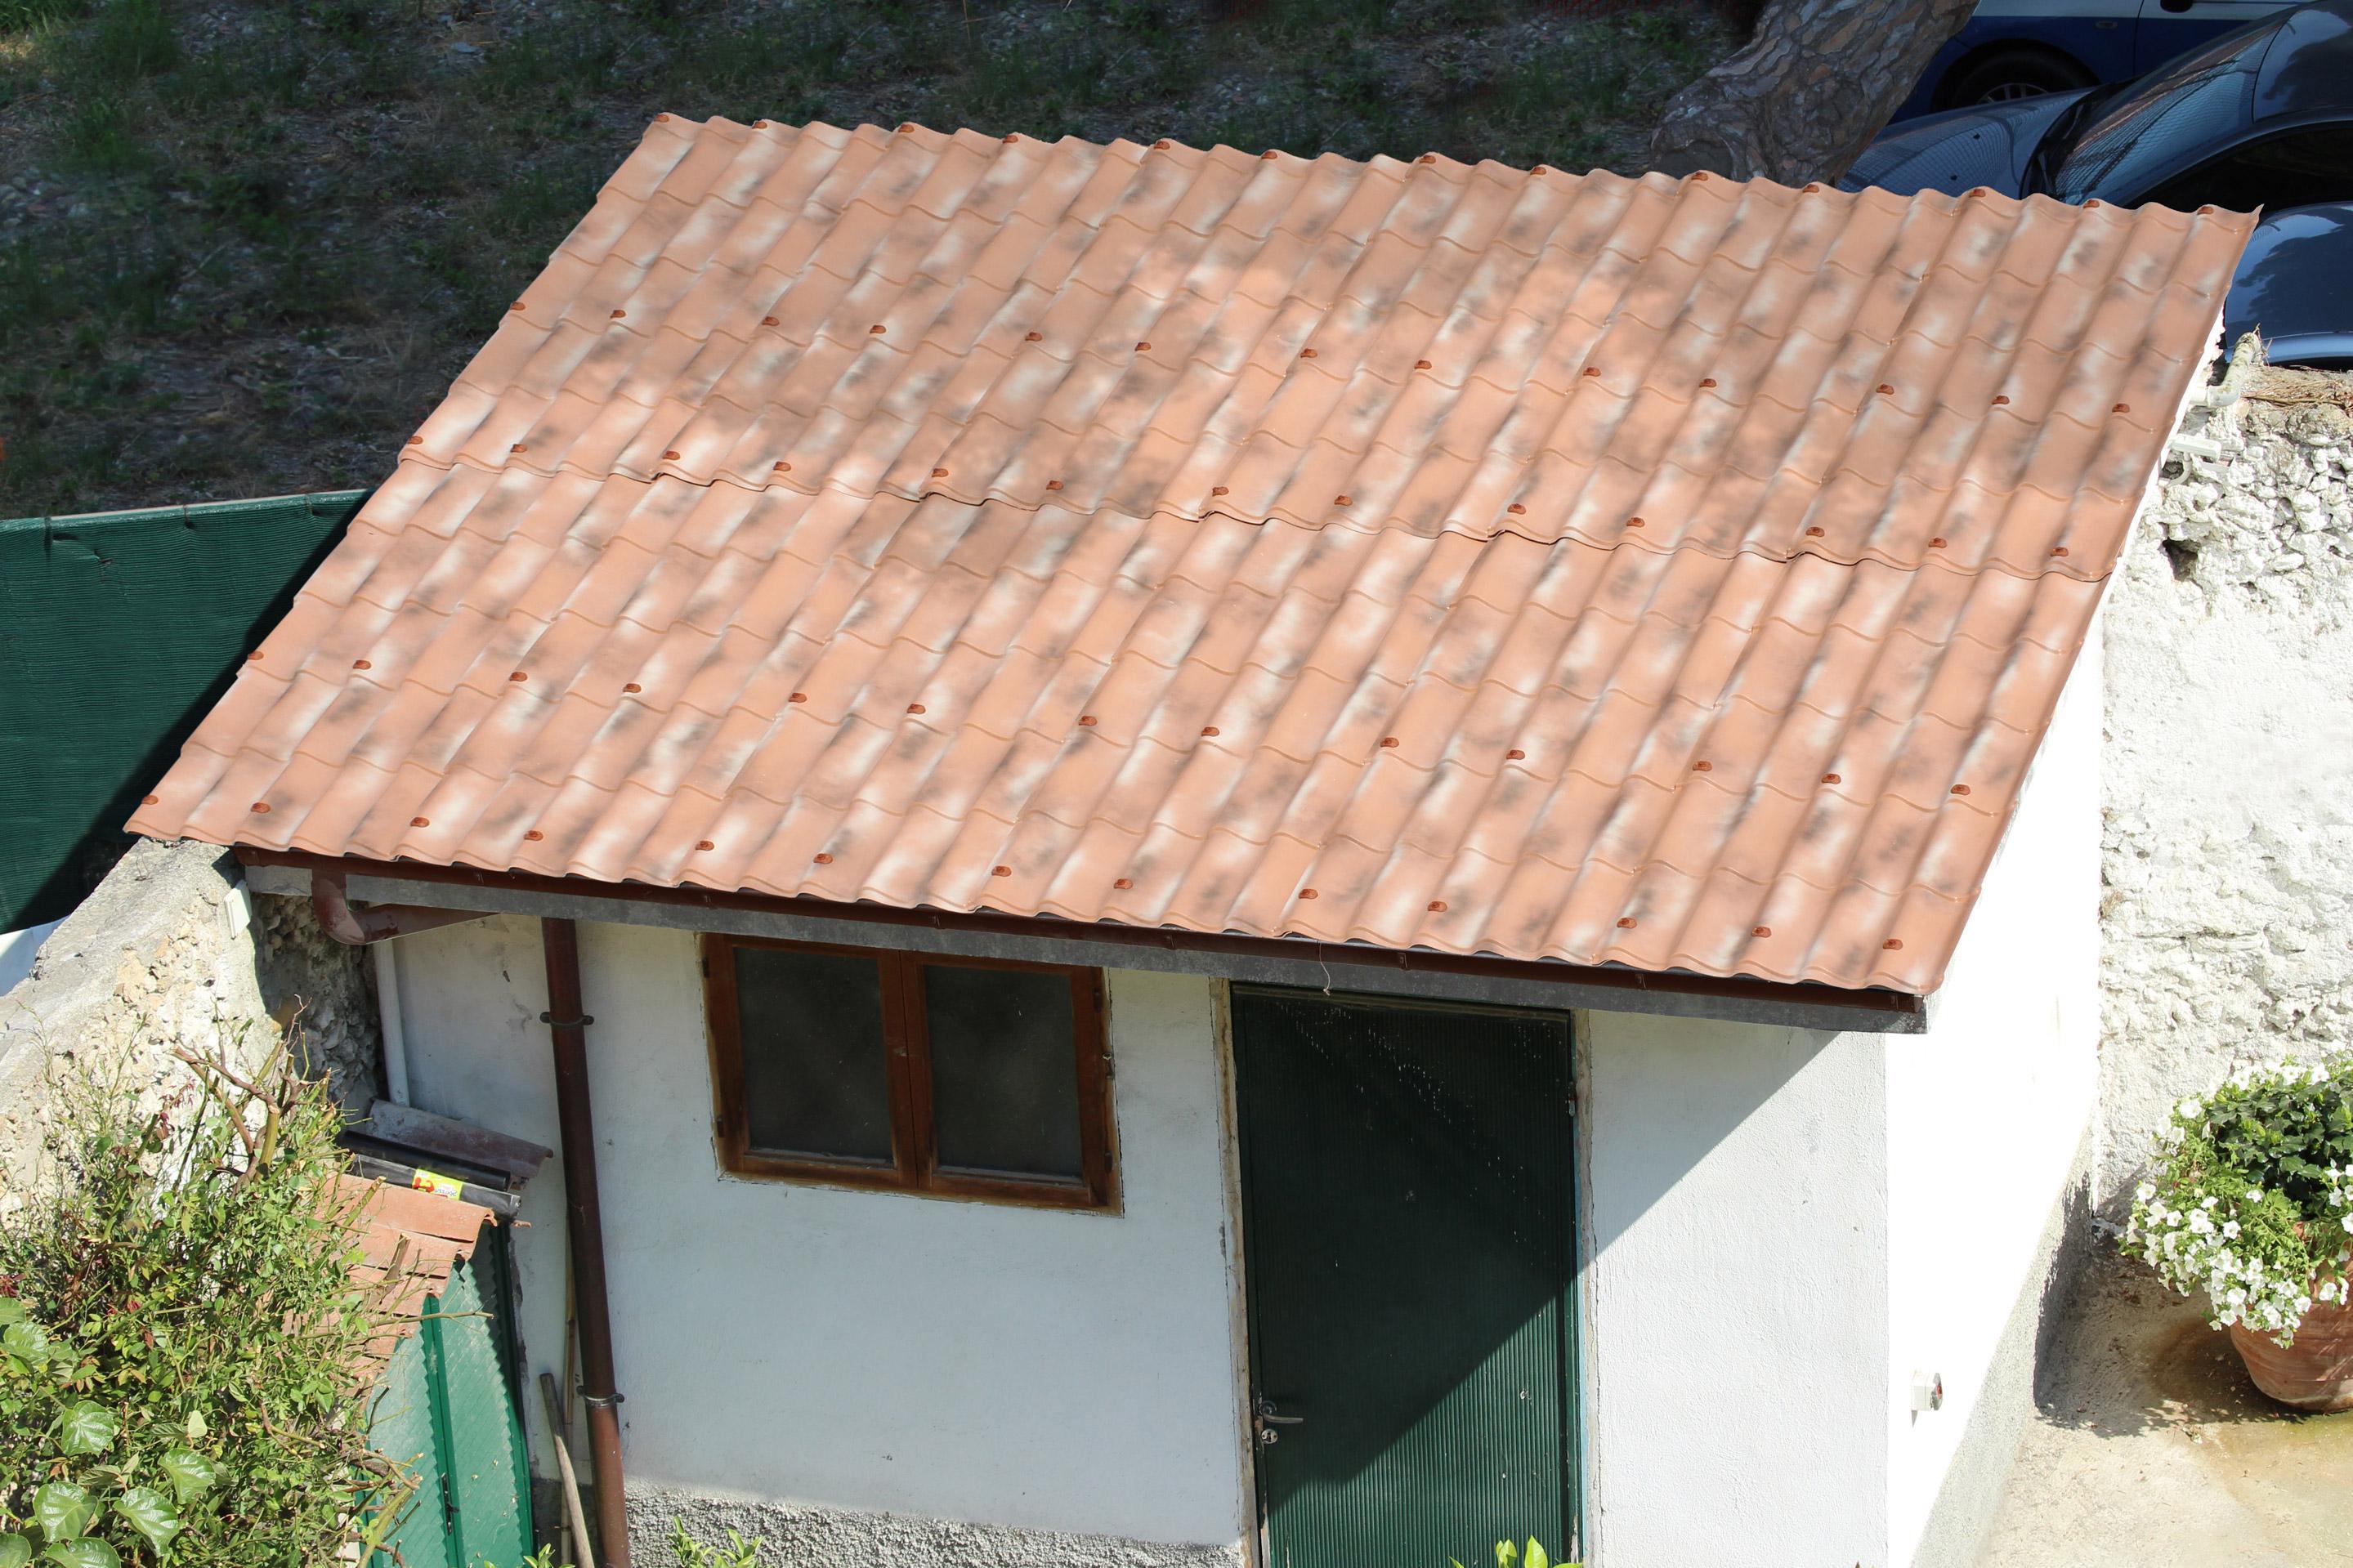 Plaque de toiture imitation tuile pvc sienne antique l.1.02xL.2.03 m FIRST PLAST | Leroy Merlin